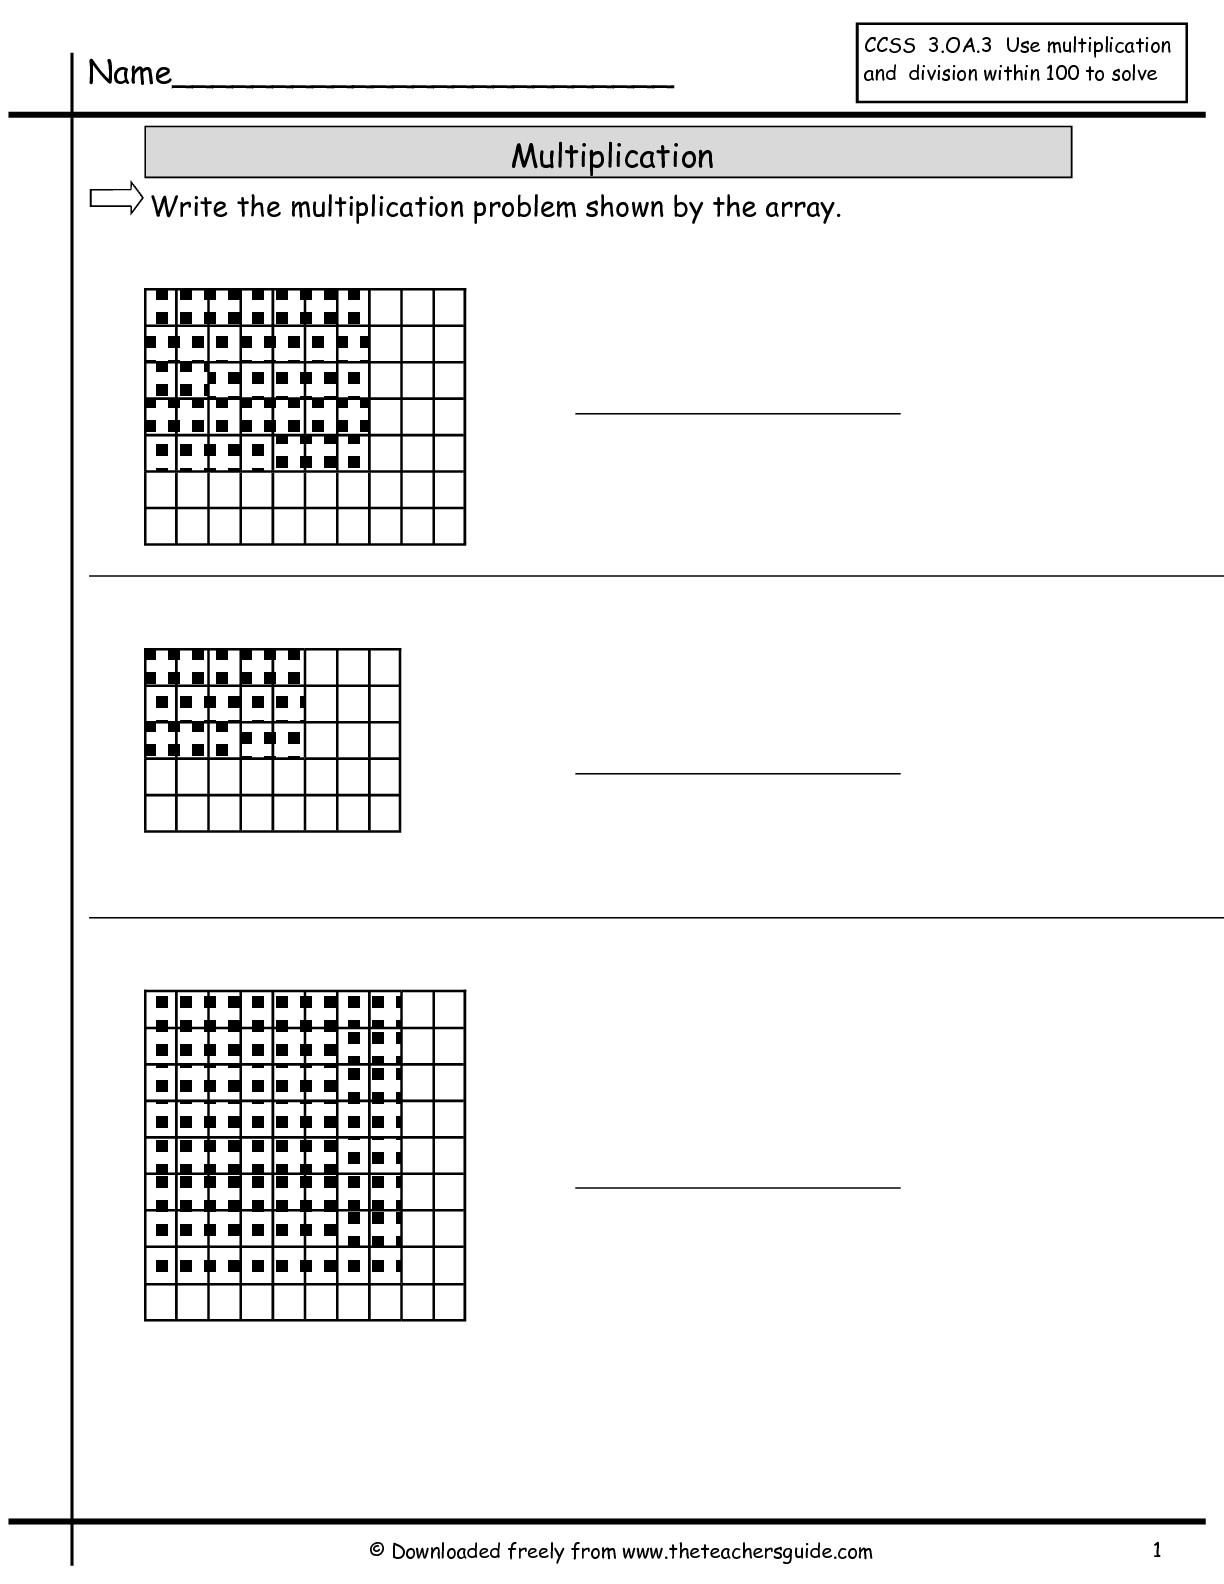 Multiplication Worksheet Excel | Printable Worksheets And intended for Multiplication Worksheets Excel